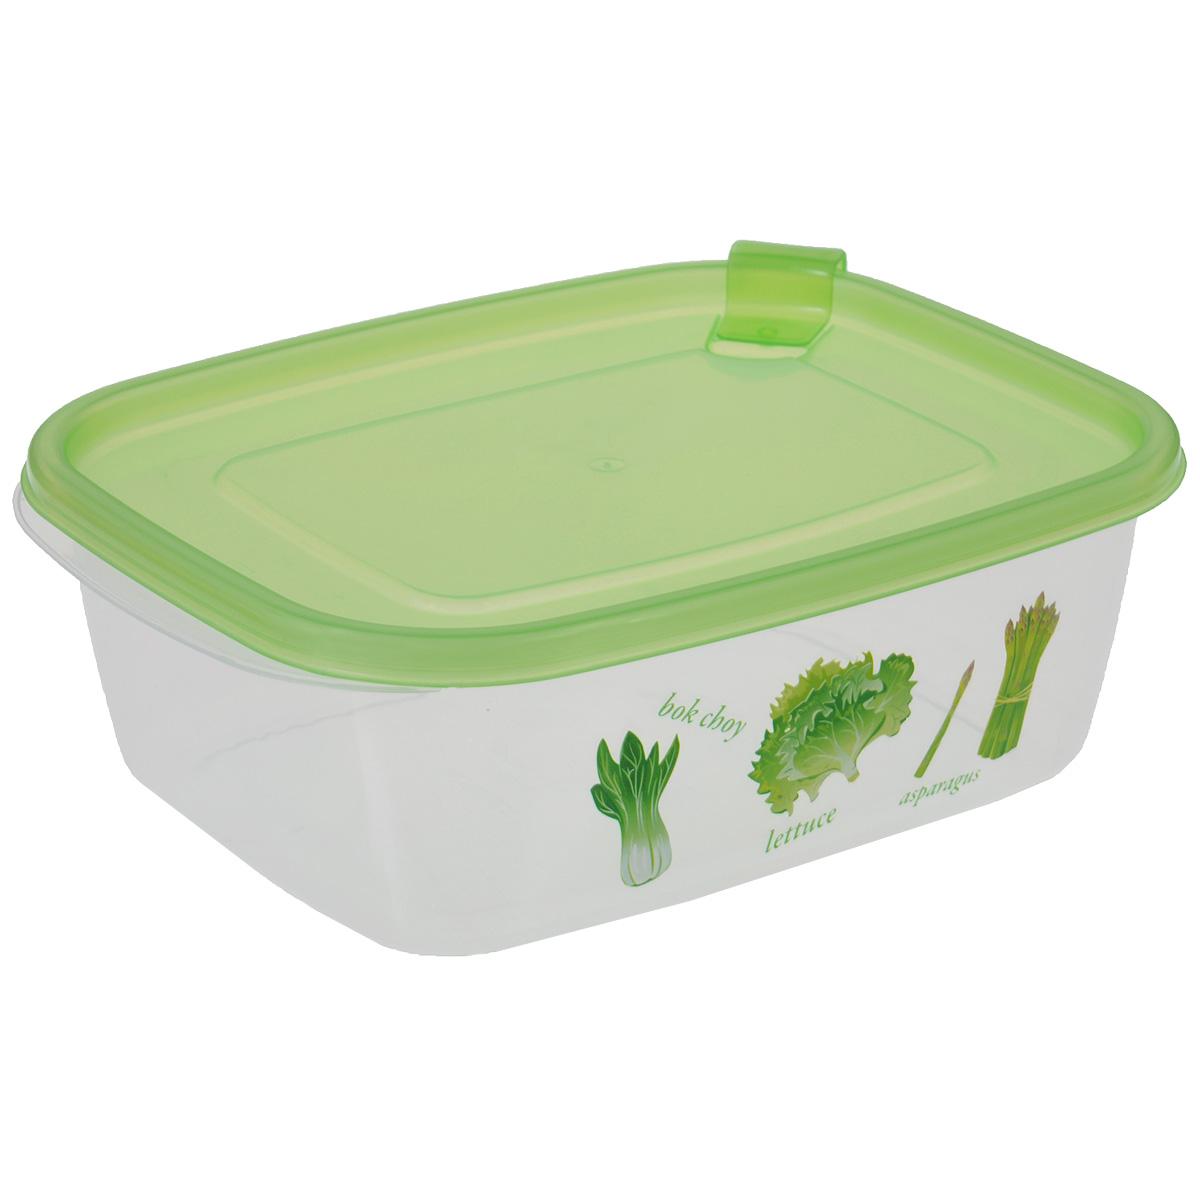 Контейнер Бытпласт Phibo, цвет: зеленый, 1,25 лС11704Контейнер Бытпласт Phibo прямоугольной формы, изготовленный из прочного пластика, предназначен специально для хранения пищевых продуктов. Контейнер, декорированный изображением овощей, оснащен герметичной крышкой со специальным клапаном, благодаря которому внутри создается вакуум, и продукты дольше сохраняют свежесть и аромат. Крышка легко открывается и плотно закрывается.Прозрачные стенки позволяют видеть содержимое. Контейнер устойчив к воздействию масел и жиров, легко моется. Контейнер имеет возможность хранения продуктов глубокой заморозки, обладает высокой прочностью. Можно мыть в посудомоечной машине. Подходит для использования в микроволновых печах.